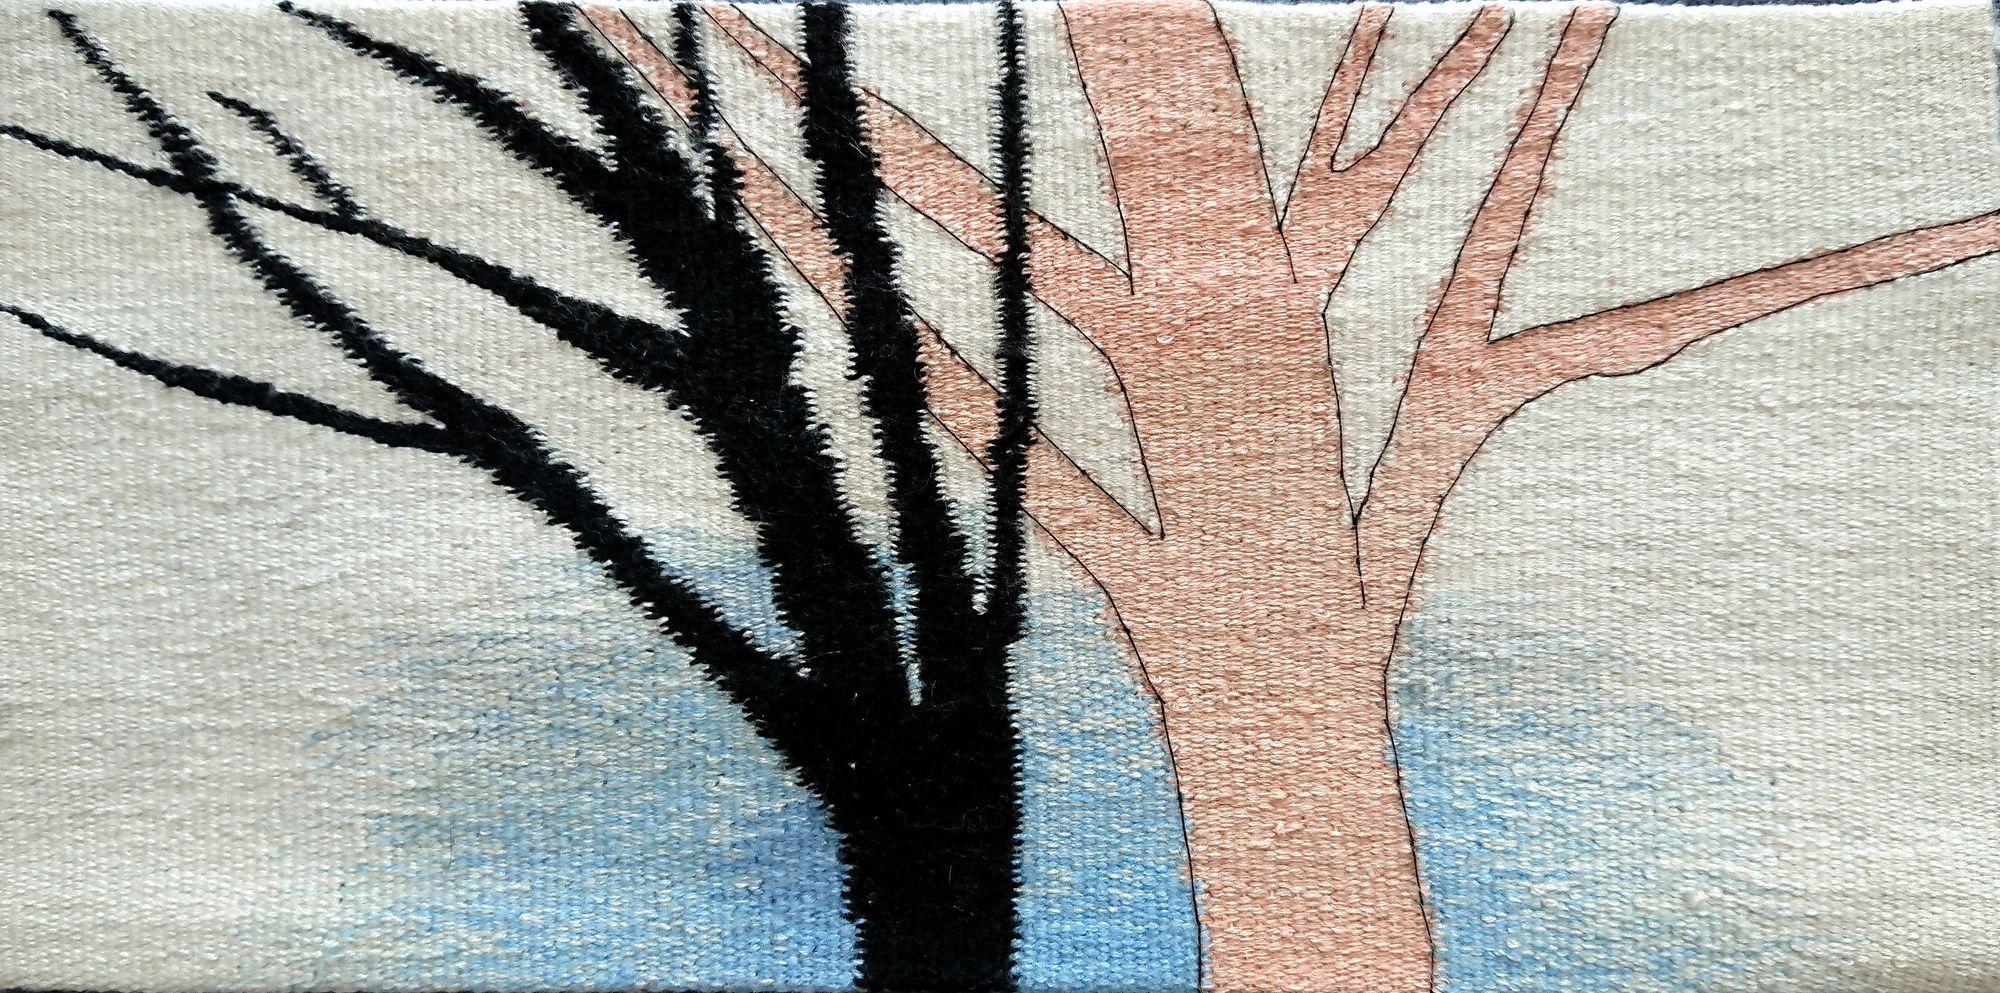 Ксенія Гопко. Оголене дерево, 2020; гобелен, 31х15 см